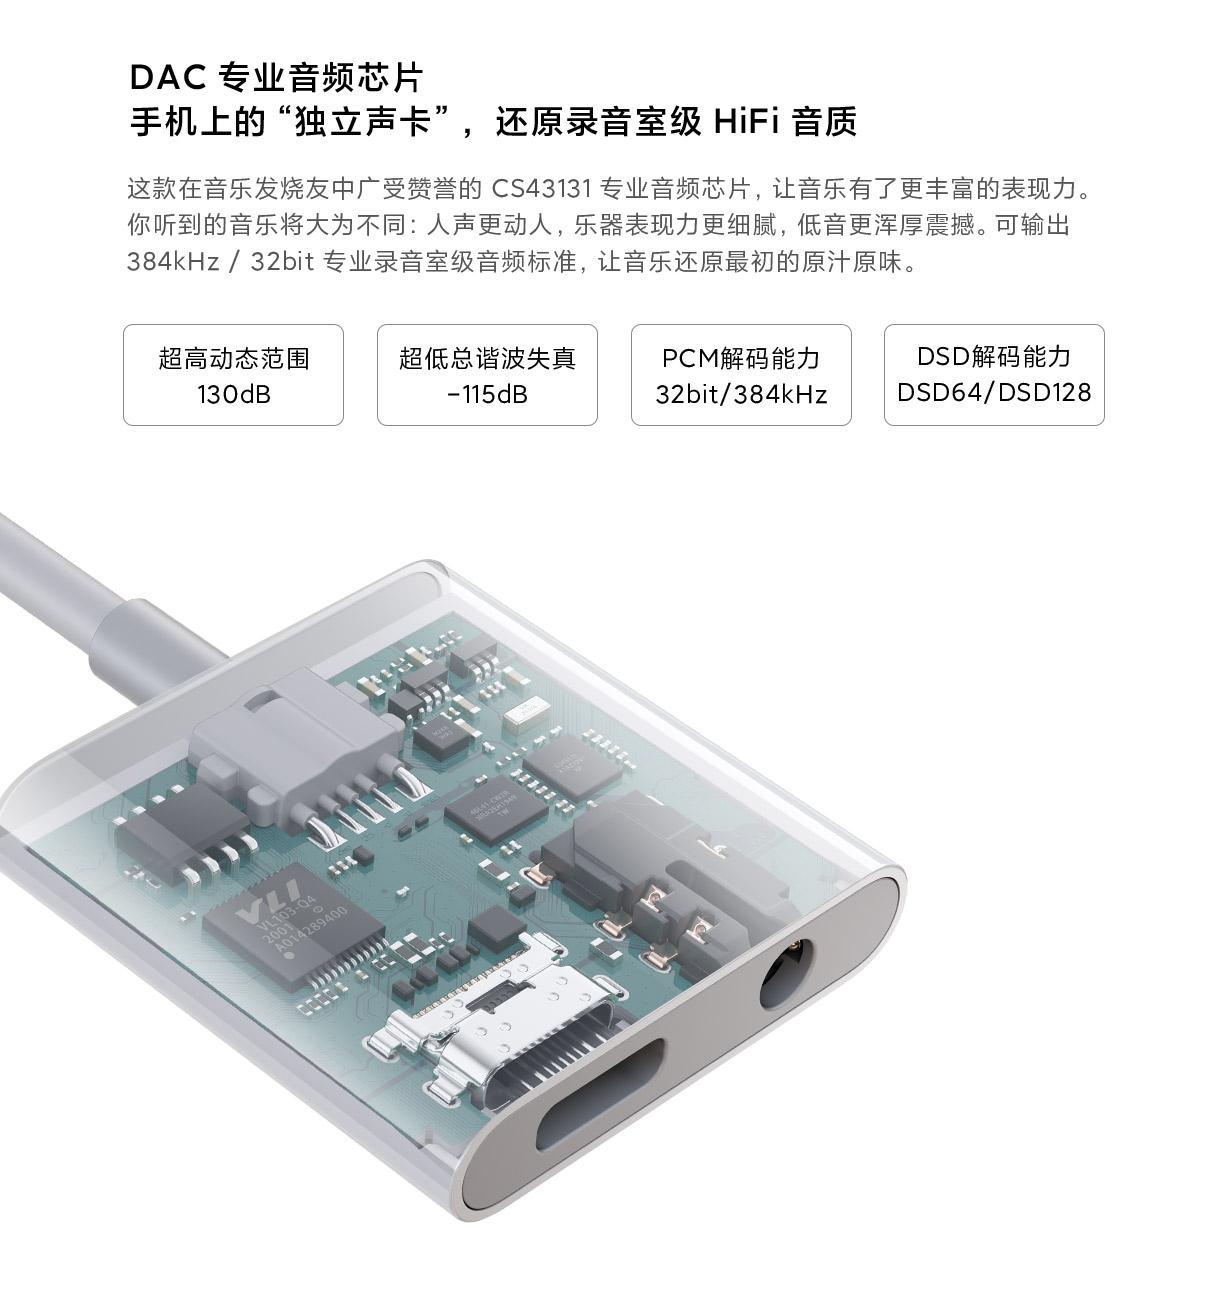 Xiaomi DAC, el primer amplificador de sonido con cargador de Xiaomi